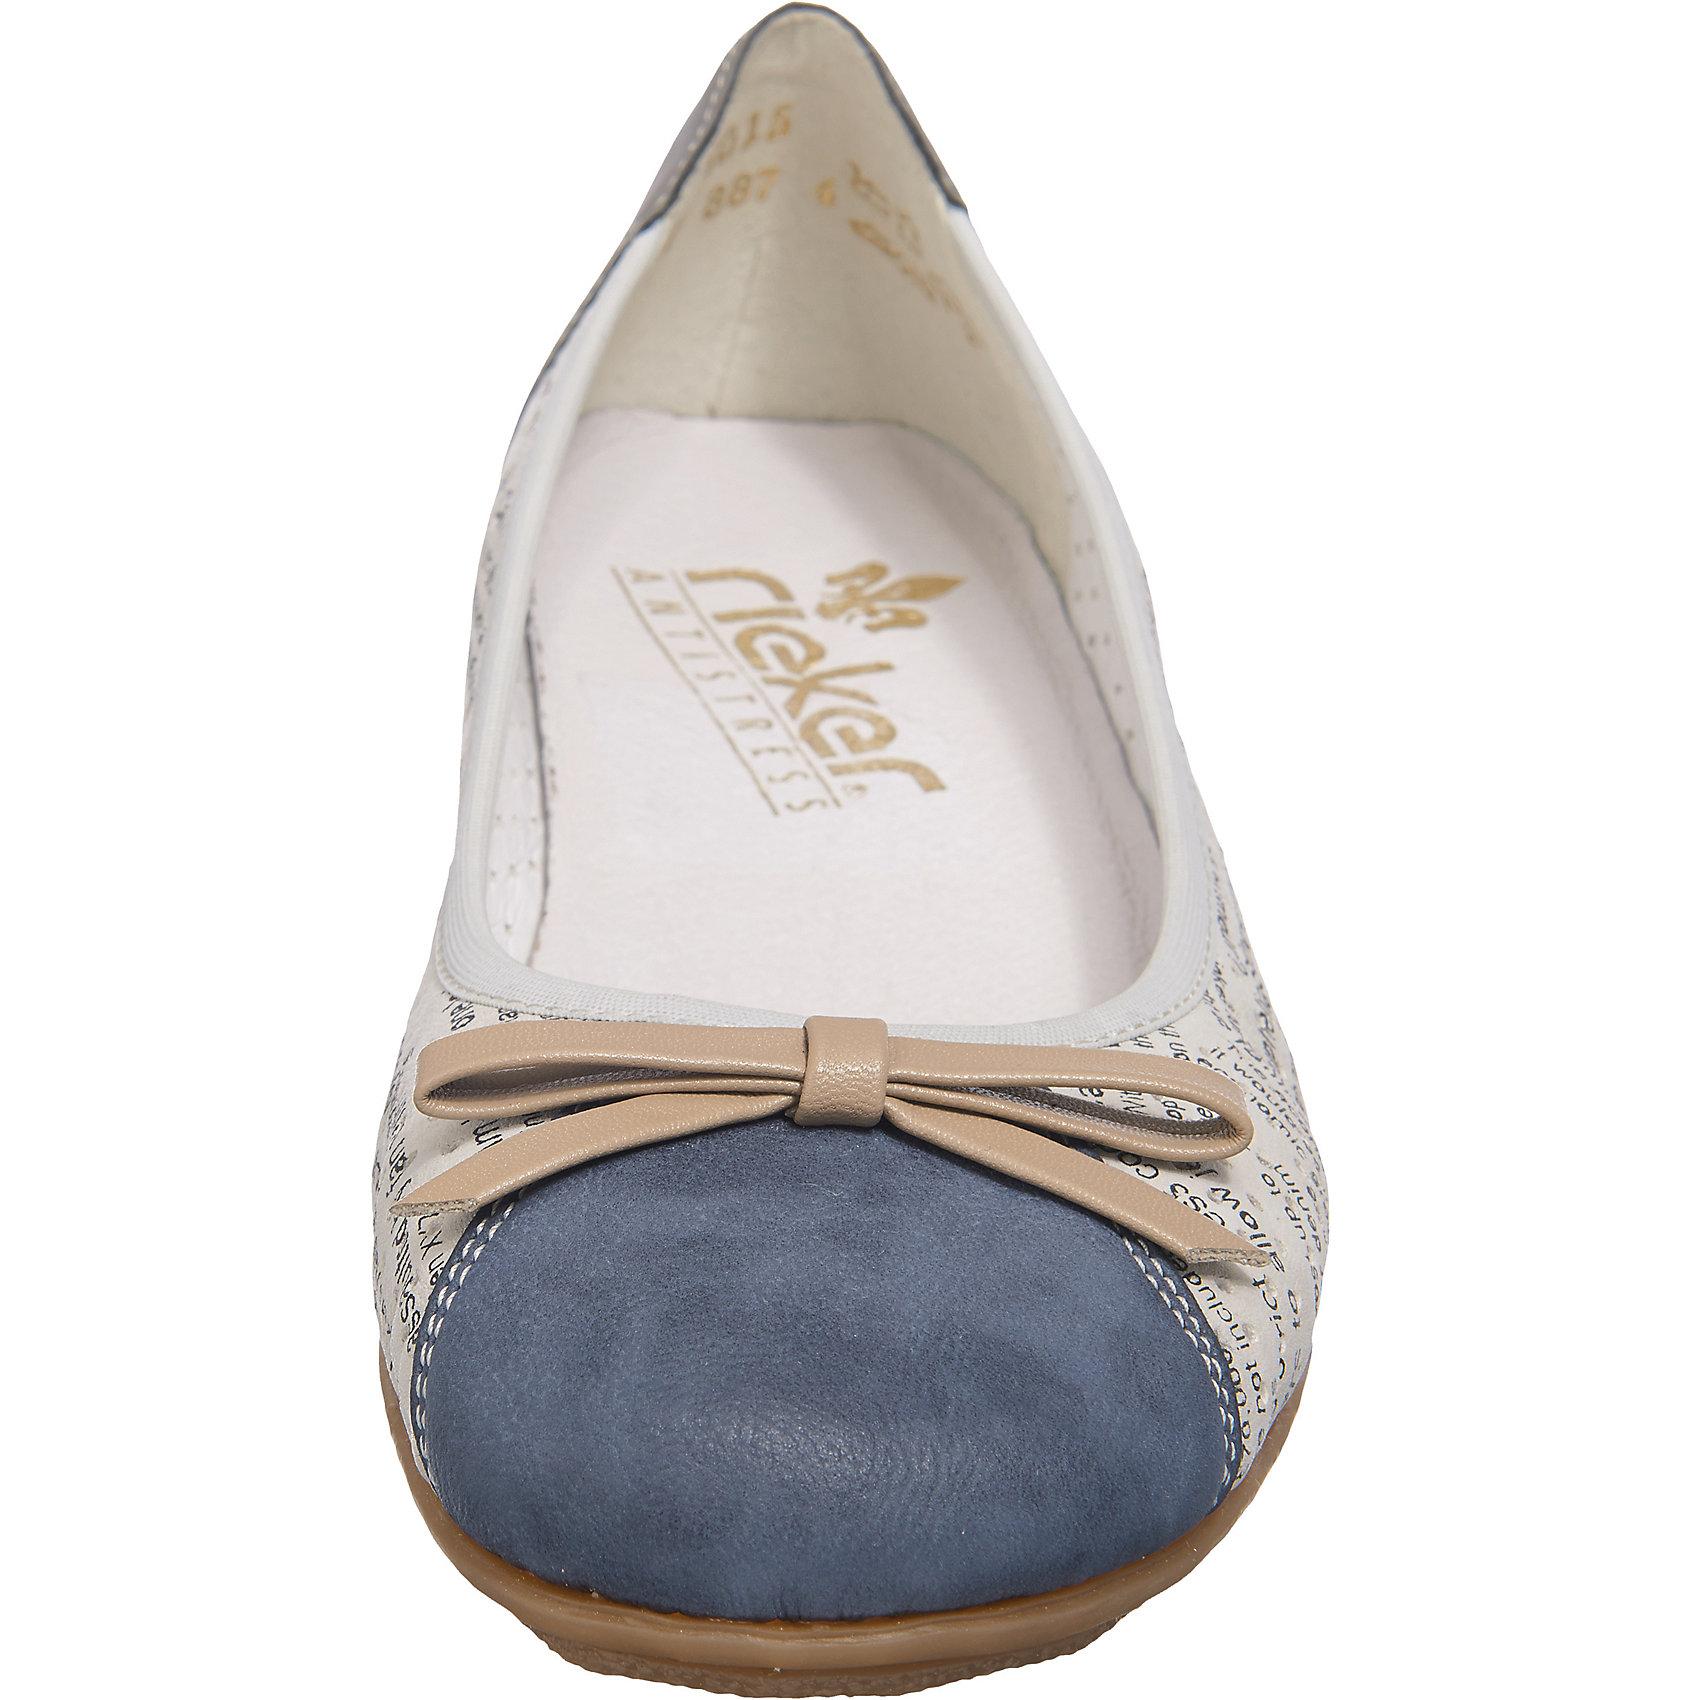 Neu rieker Ballerinas 5744814 für Damen weiß-kombi